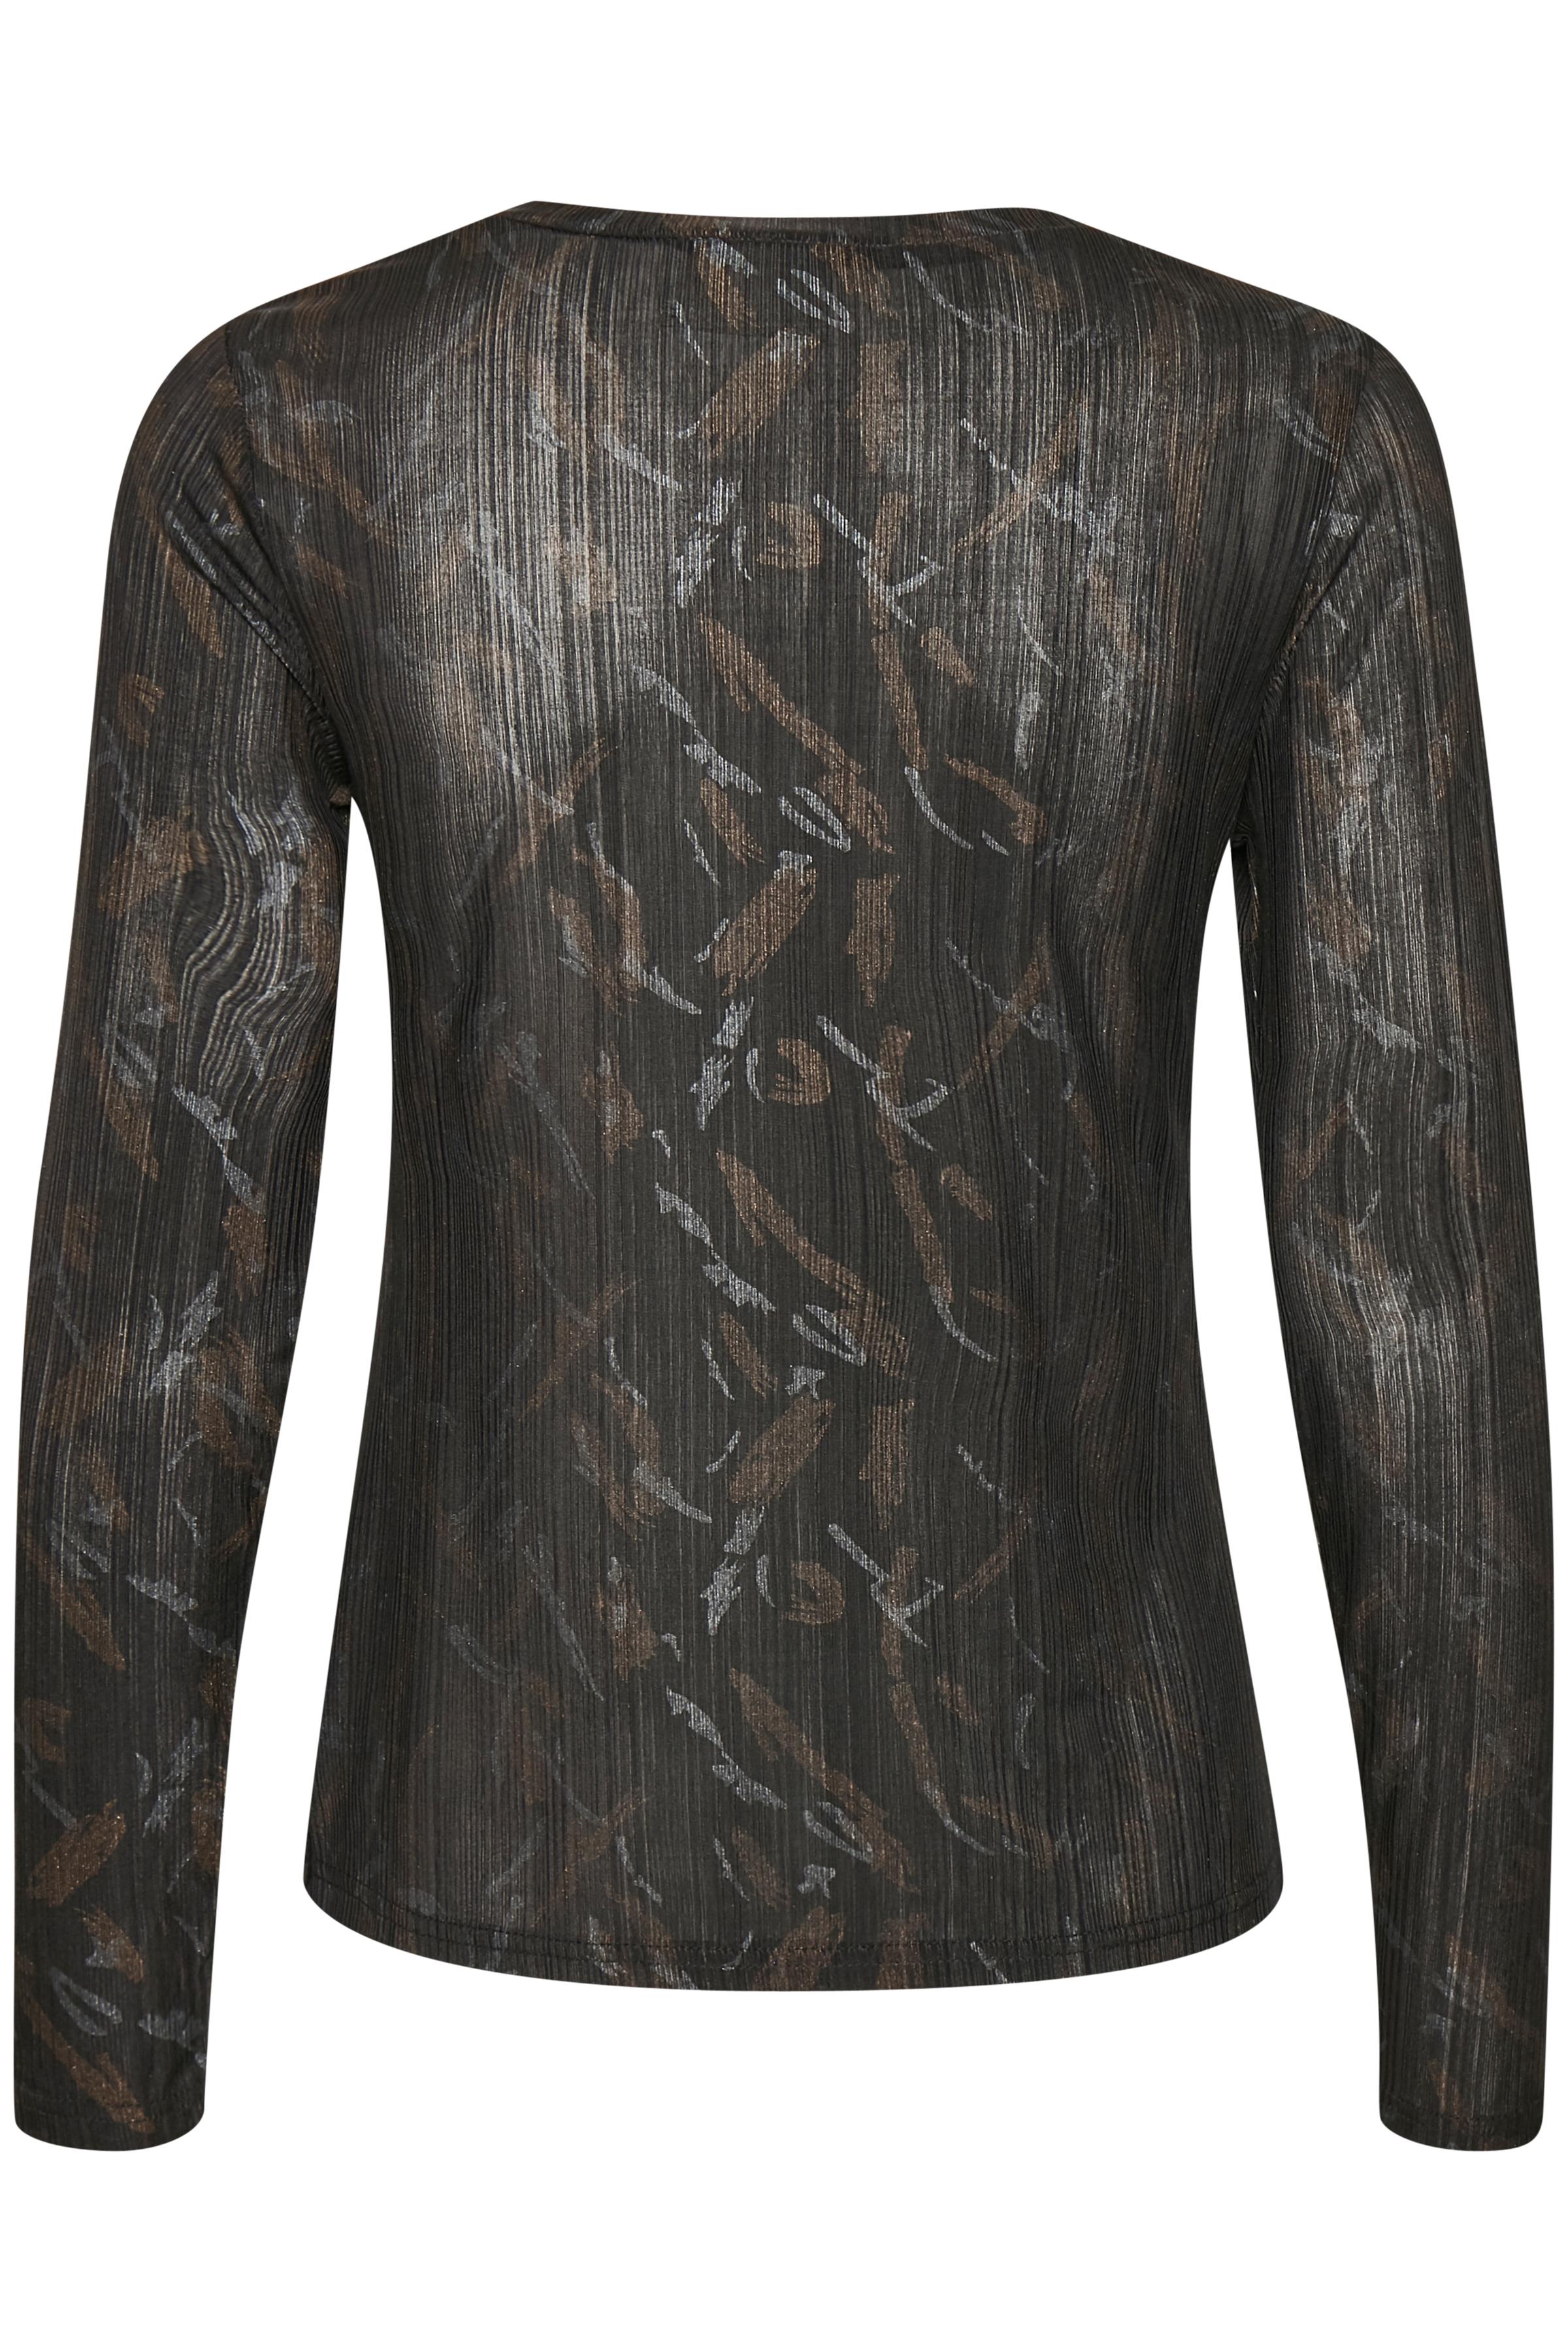 Schwarz Langarm-Bluse von Kaffe – Shoppen Sie Schwarz Langarm-Bluse ab Gr. XS-XXL hier